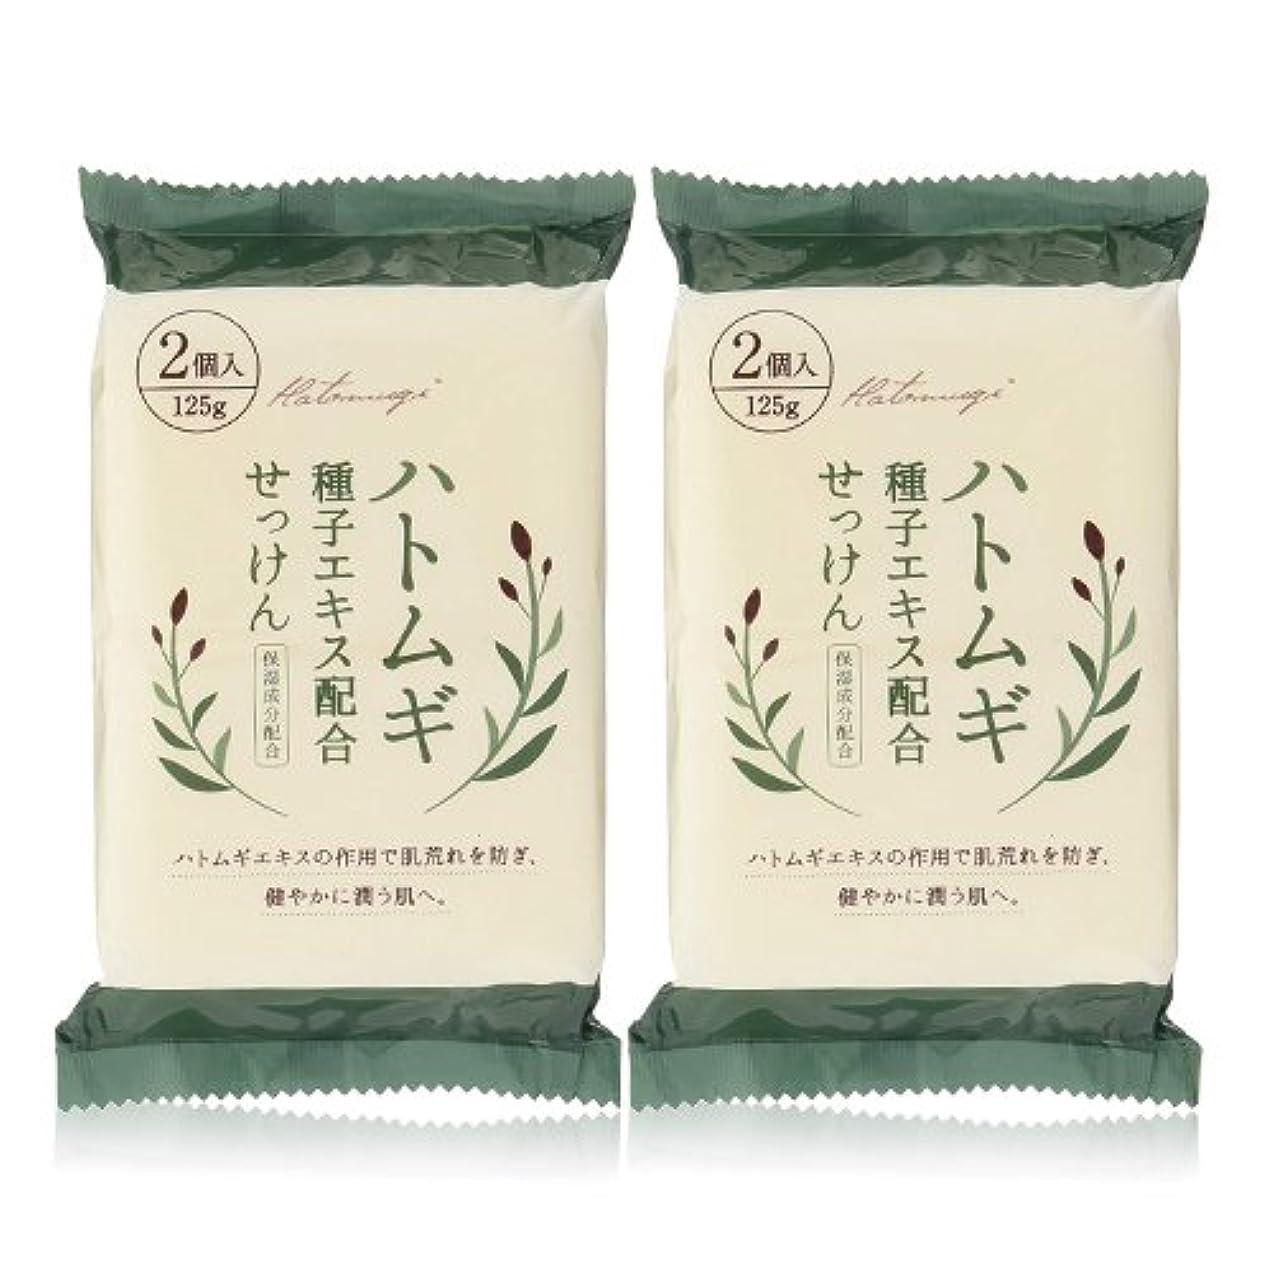 重荷クレアキラウエア山ハトムギ種子エキス配合石けん 125g(2コ入)×2個セット(計4個)